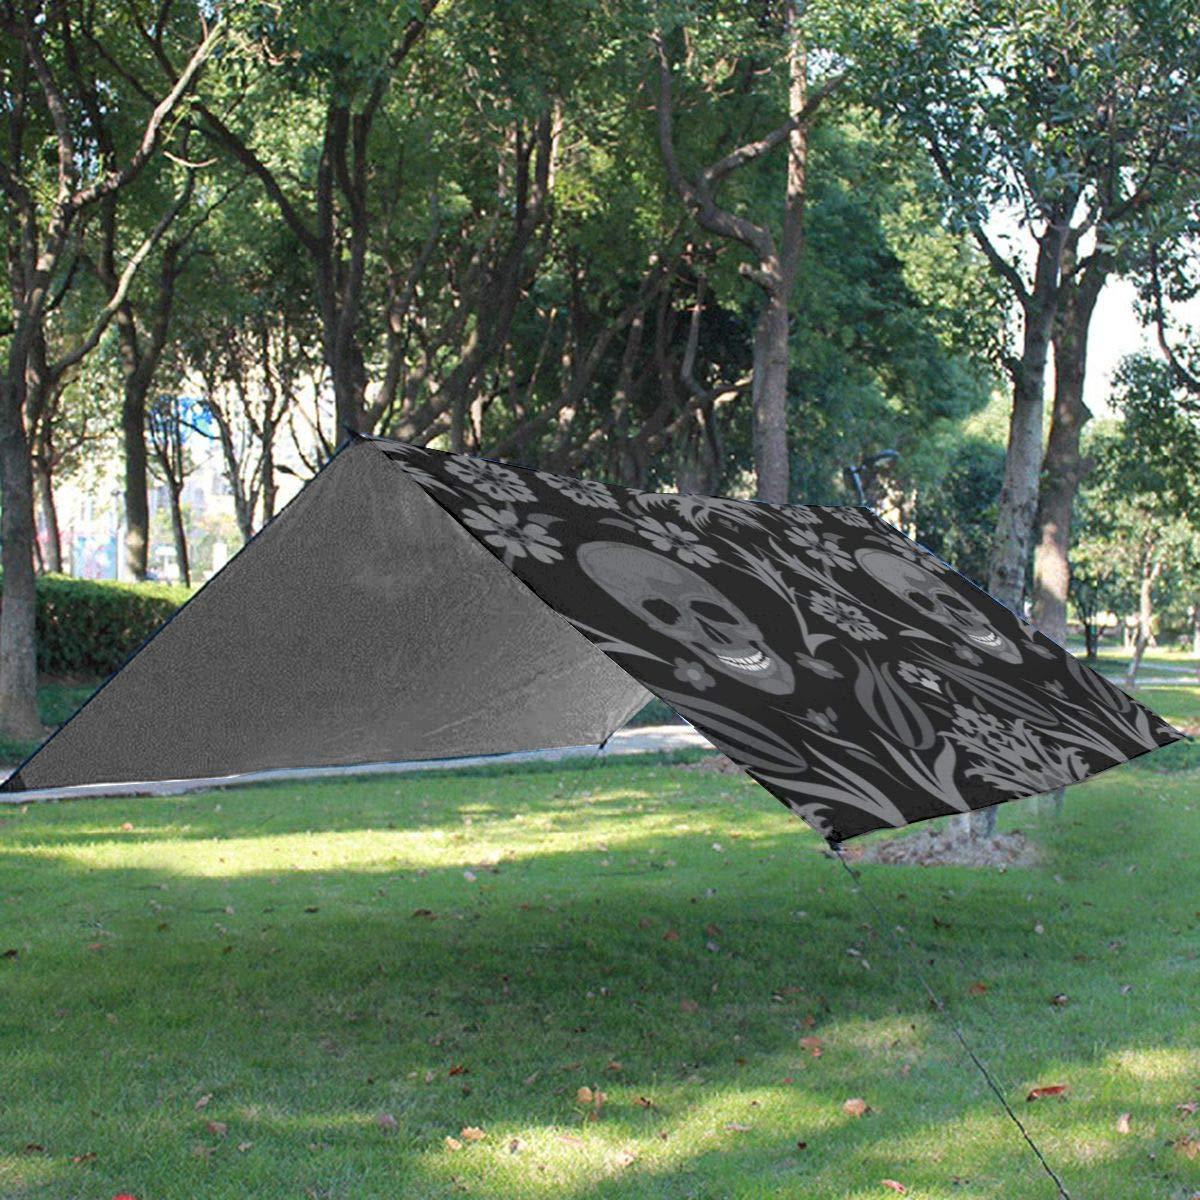 Flowon Couverture de Pique-Nique Pliable en Forme de cr/âne Mexicain la randonn/ée Imperm/éable et Coupe-Vent Id/éale pour Le Camping lherbe